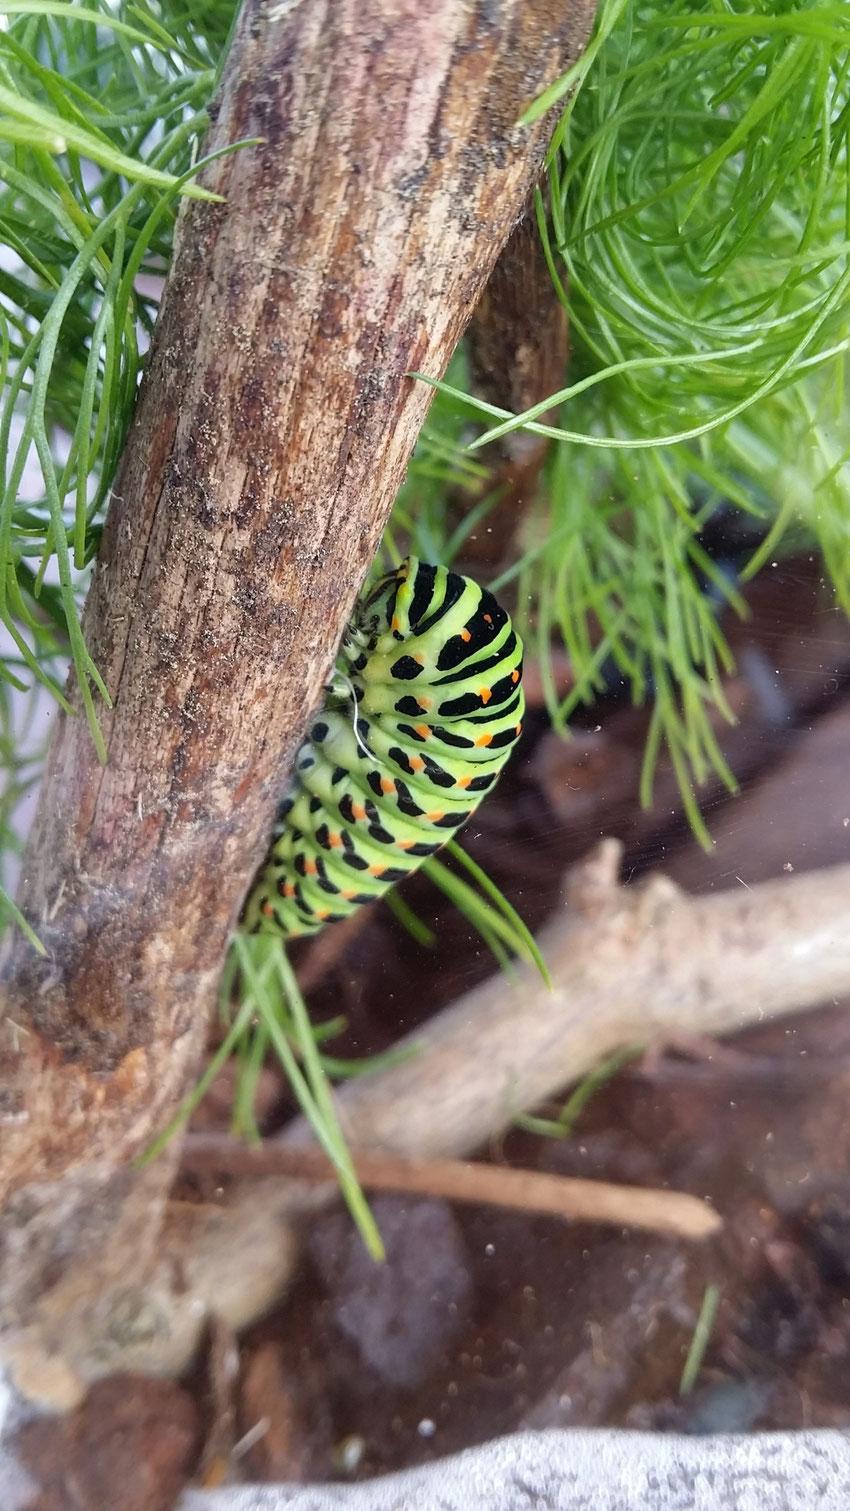 Schwalbenschwanz  (Papilio machaon) kurz vor der Verpuppung